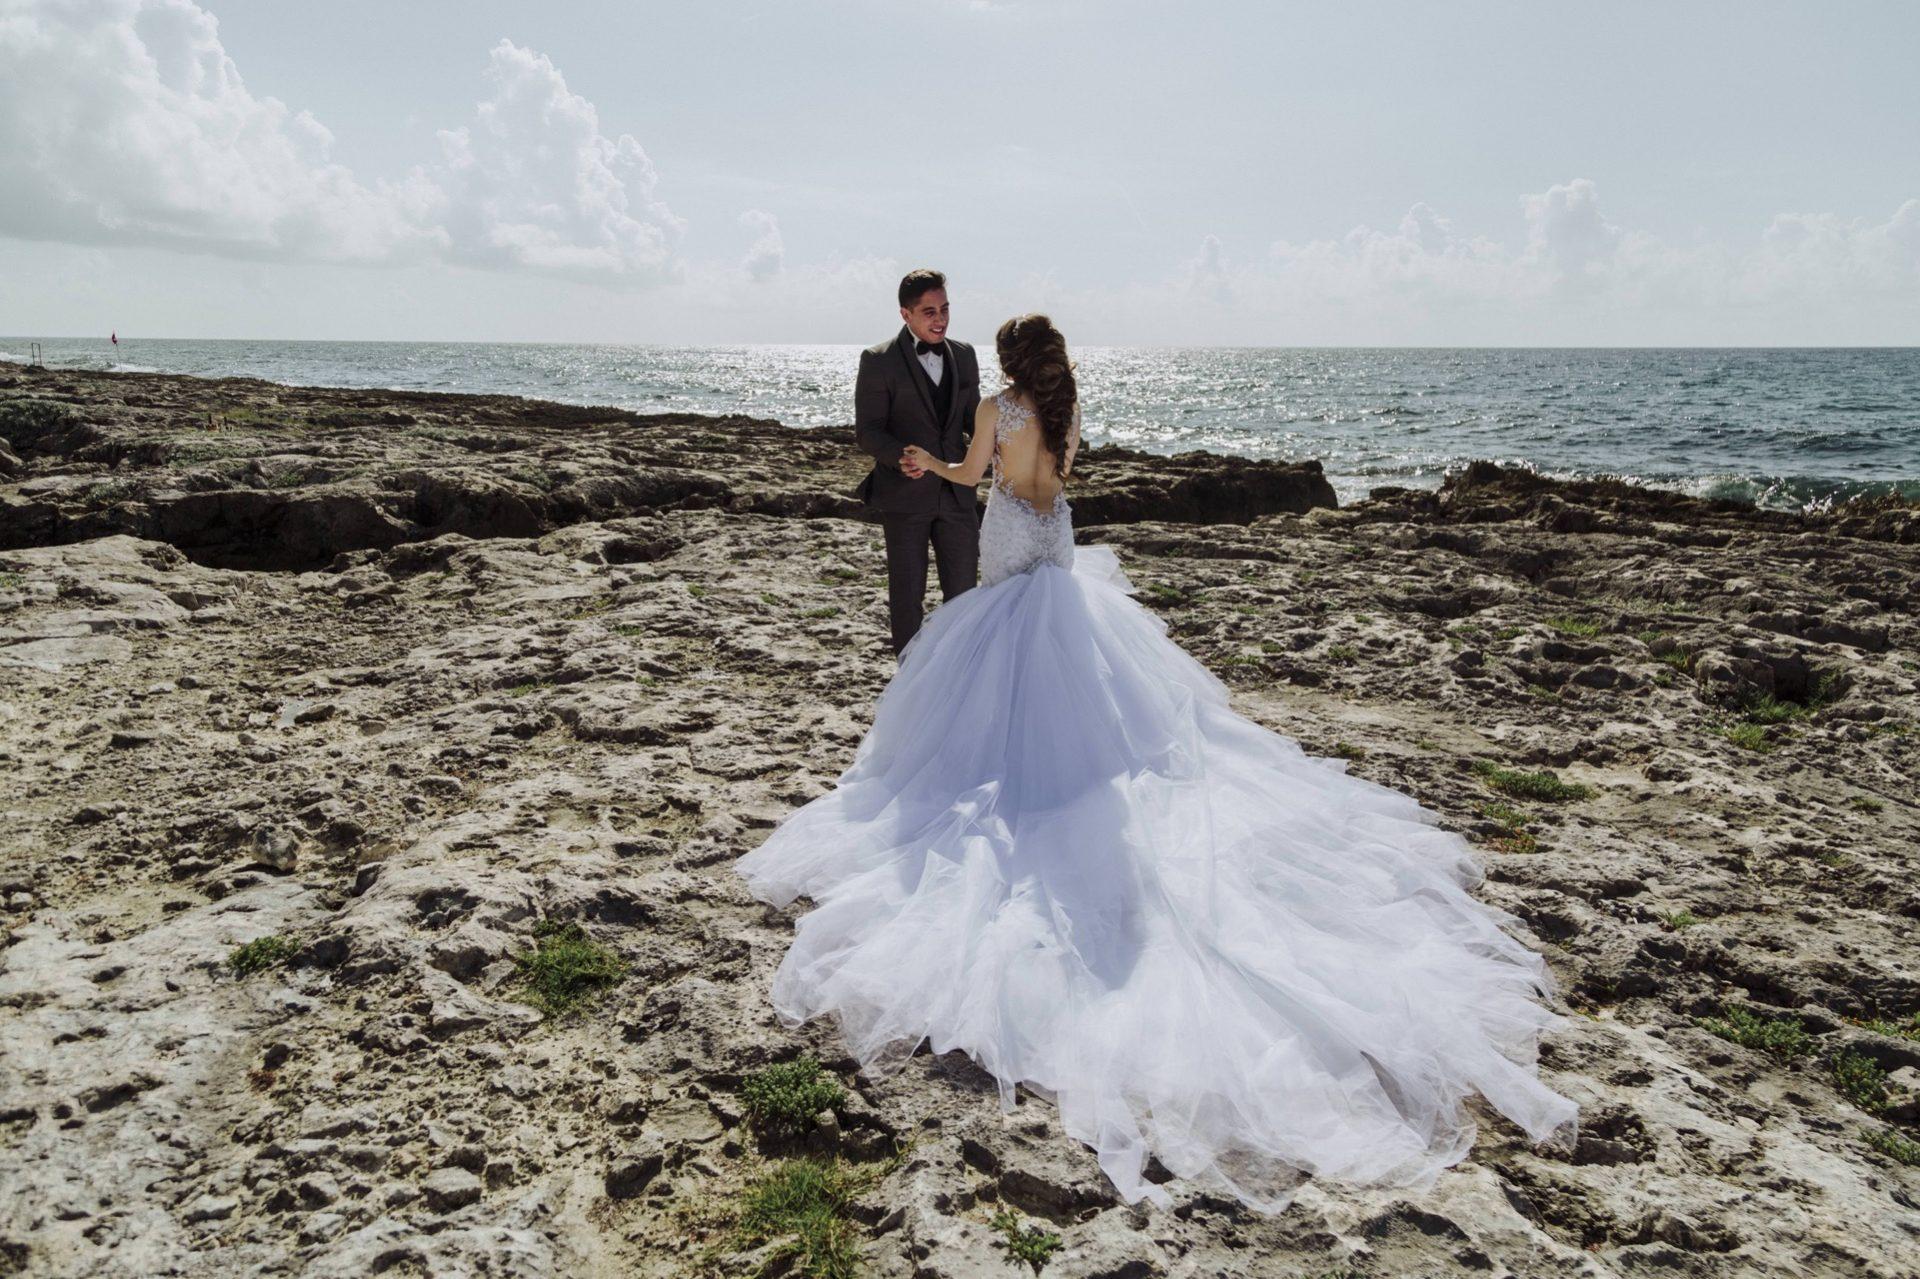 fotografo_bodas_profesional_zacatecas_riviera_maya_cancun-156